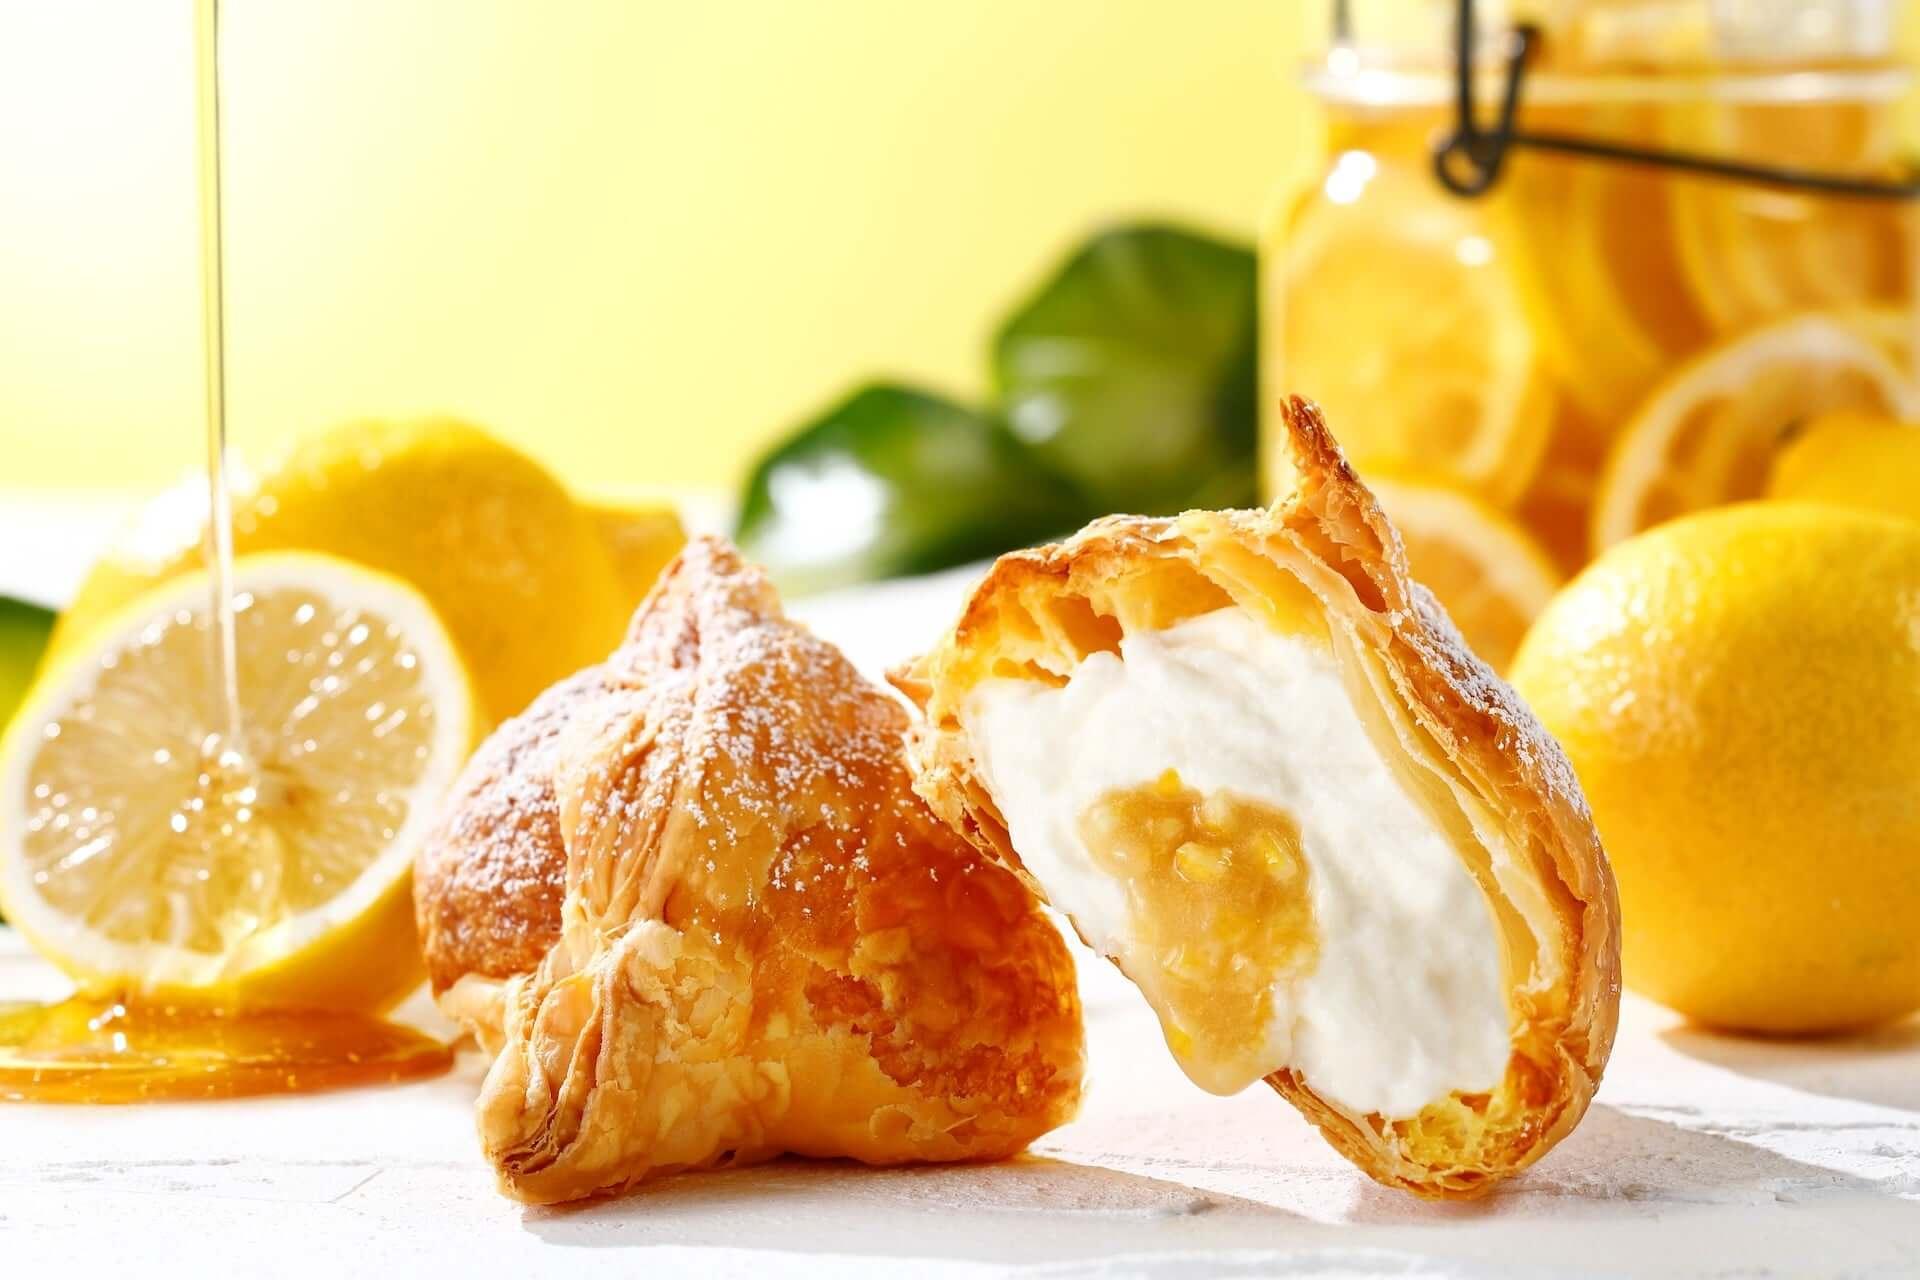 溢れ出るレモンソースを堪能しよう!話題の東京ミルクチーズ工場「Cow Cow Kitchen」に新作『ミルクパイはちみつレモン』が登場 gourmet200730_cowcow-kitchen_3-1920x1280